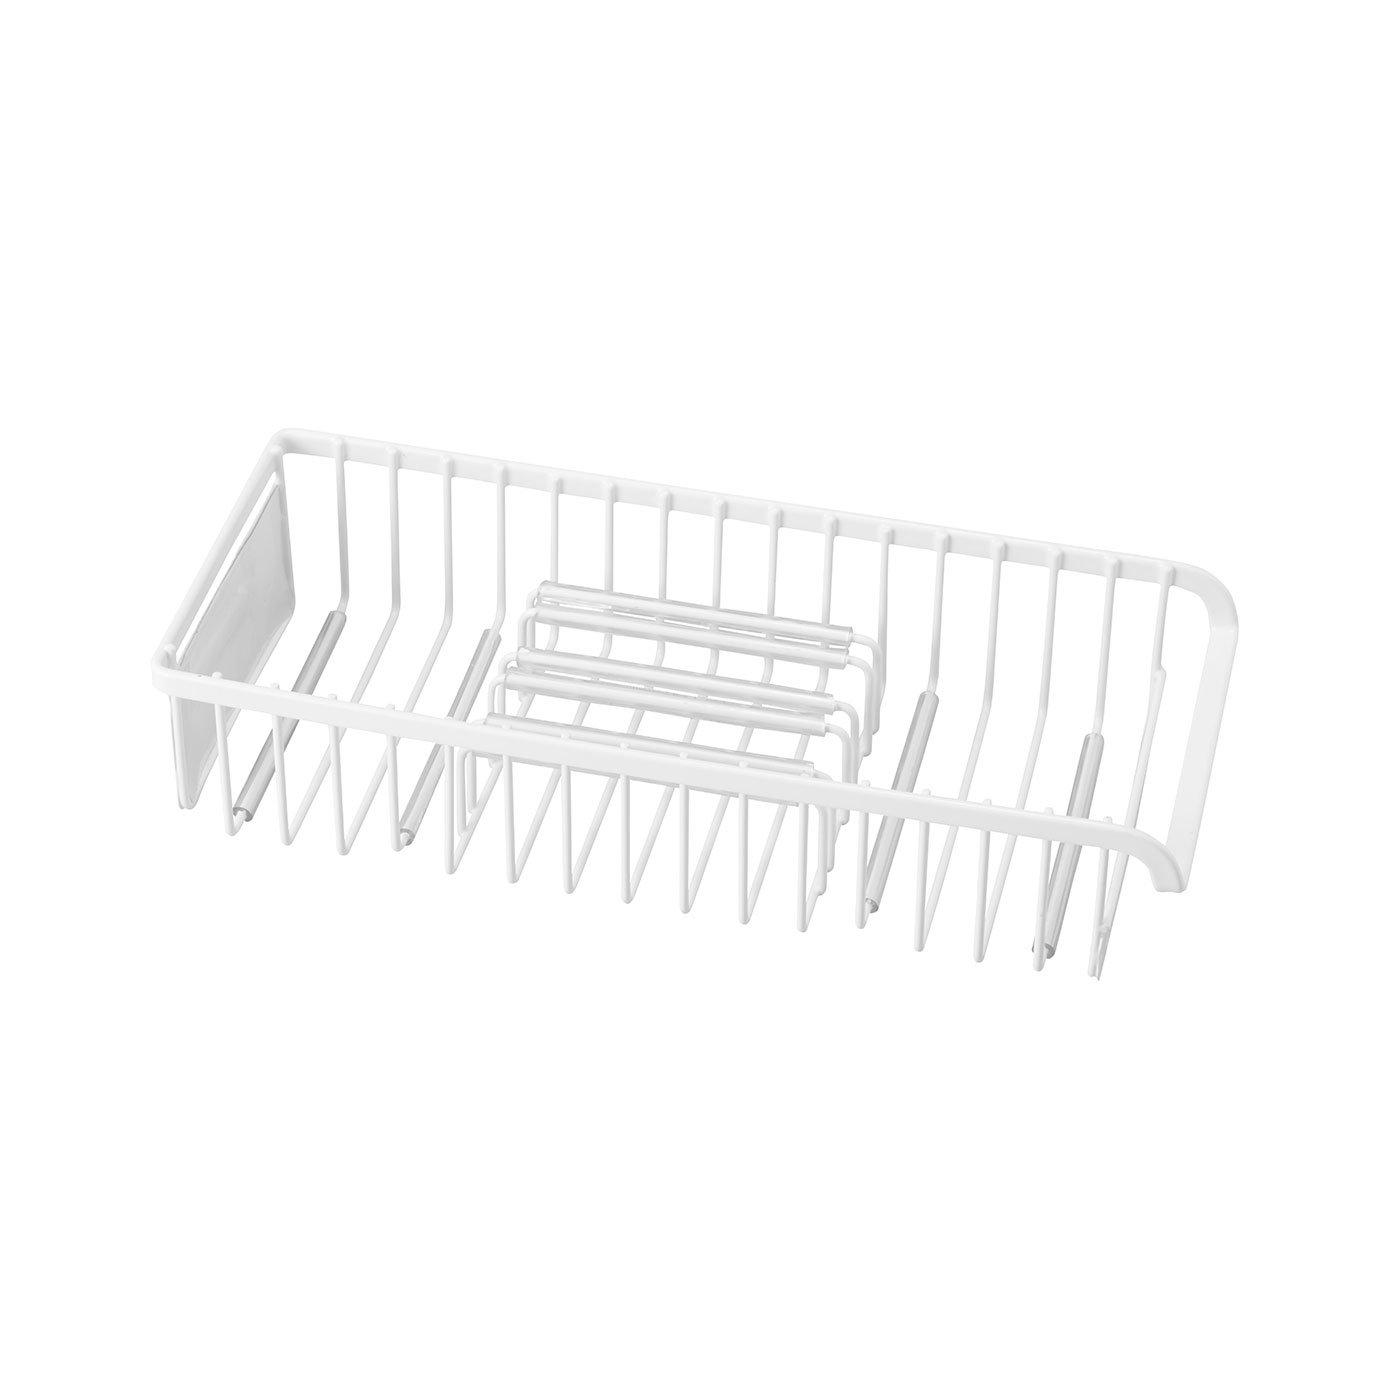 スペース有効活用! キッチンを使い勝手よく整とん 引き出しに収納できる包丁ケース